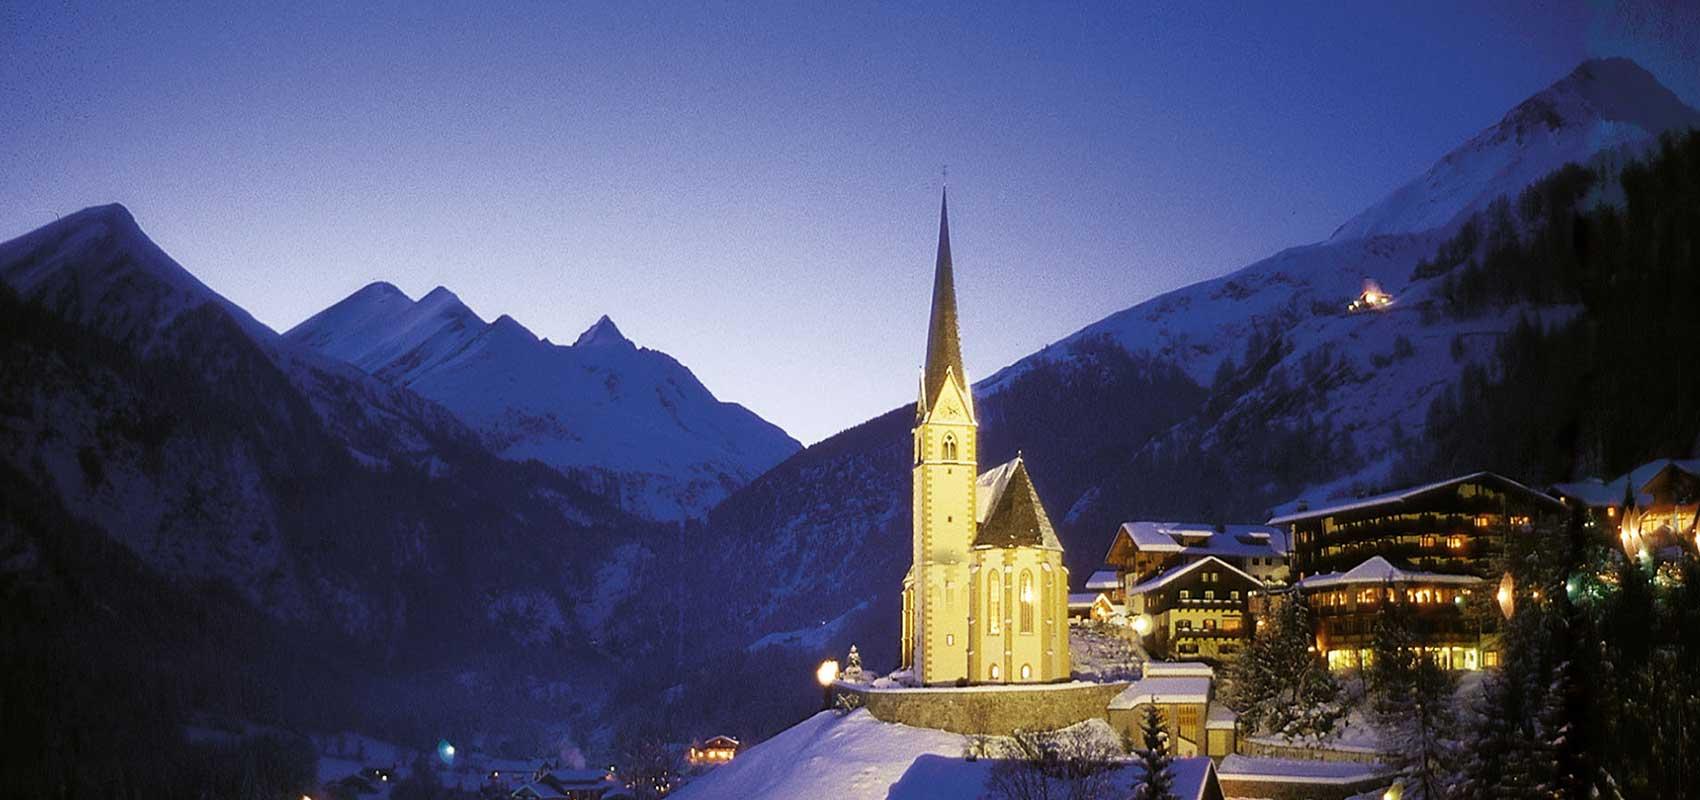 Heiligenblut_Winter1